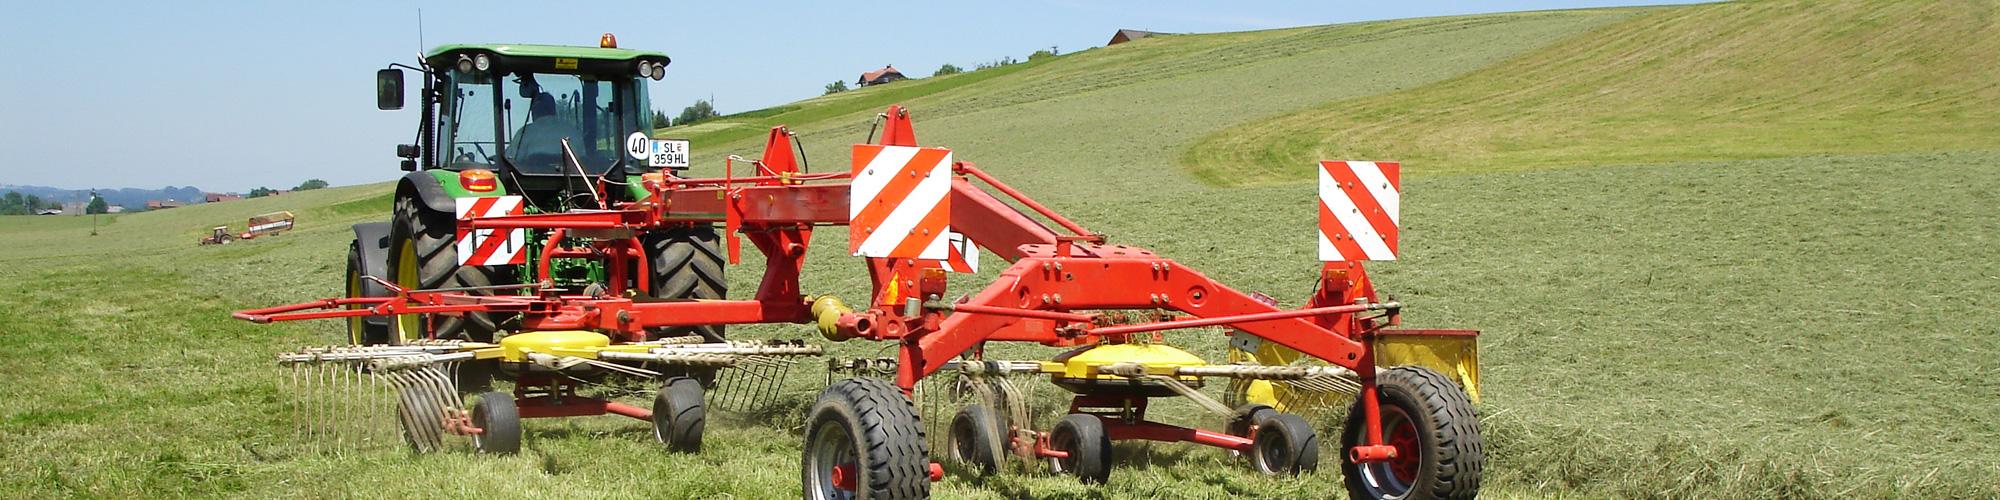 Agrardienstleistungen Heuernte vom Maschinenring